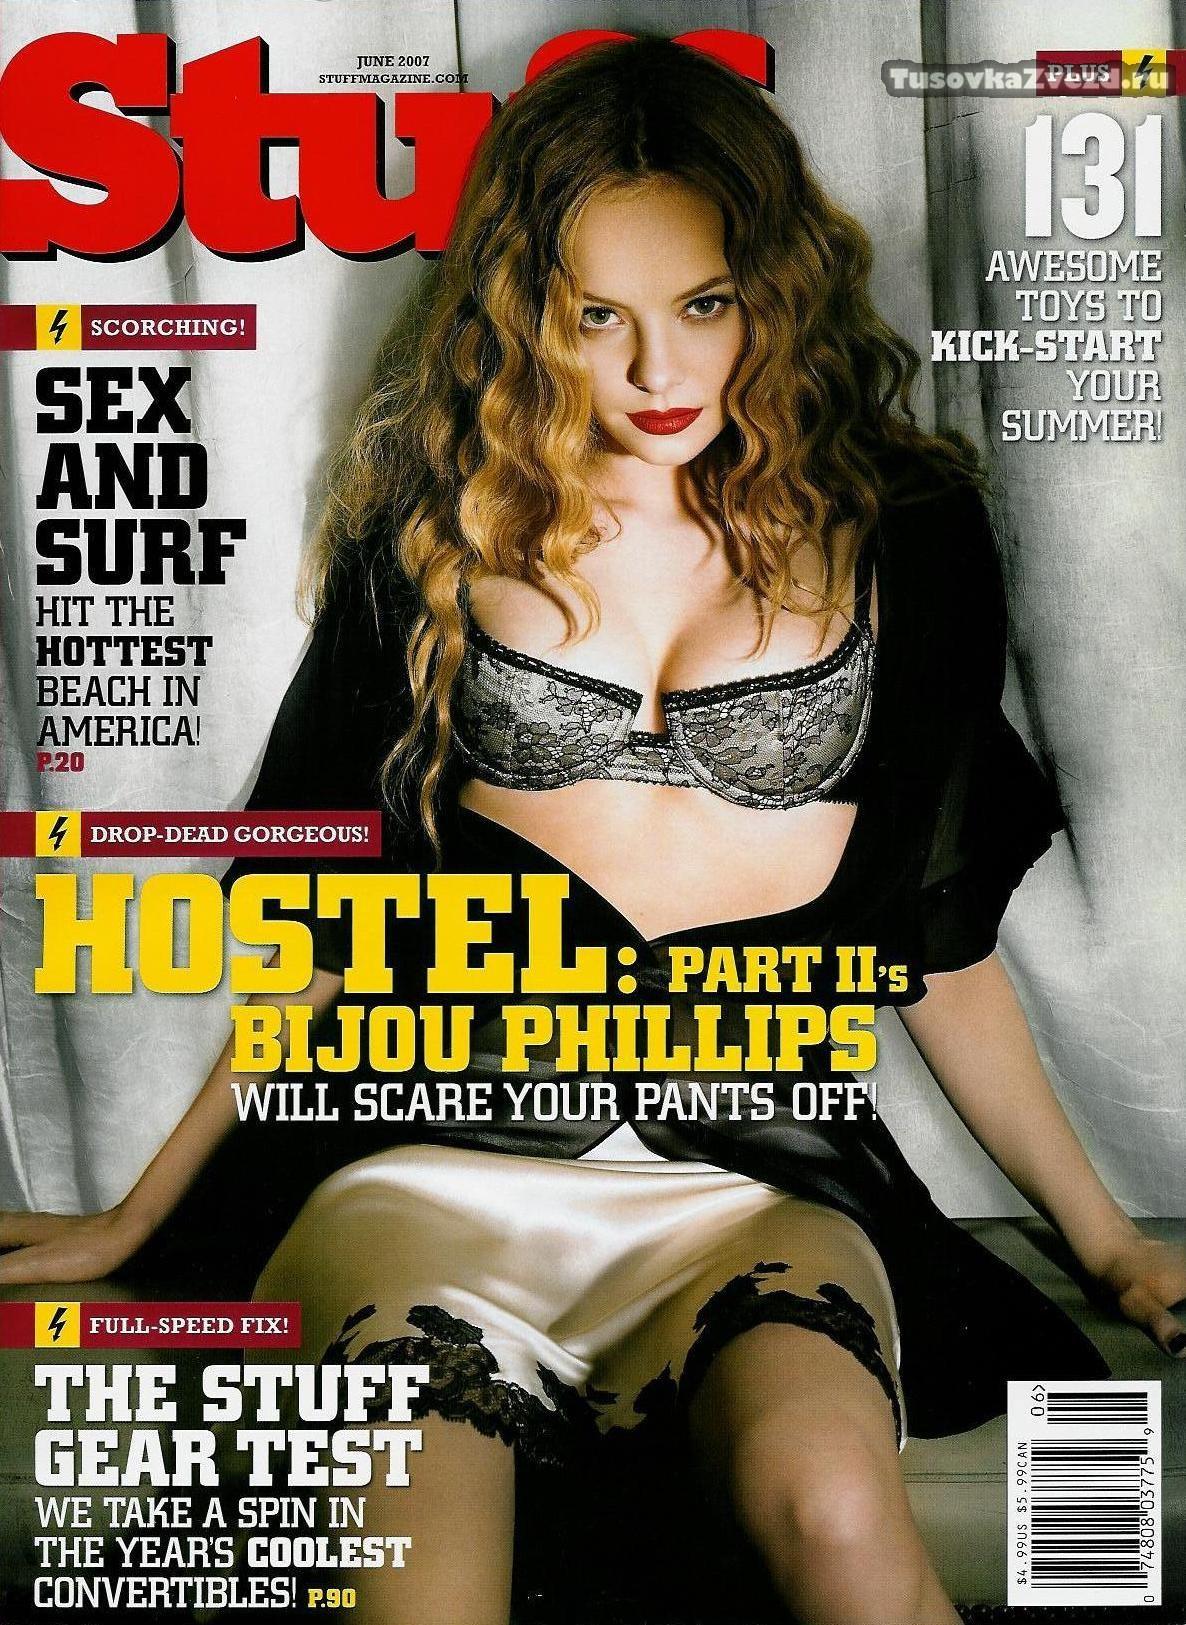 Бижу Филлипс (Bijou Phillips) эротическая фото сессия для журнала Stuff США, июнь 2007